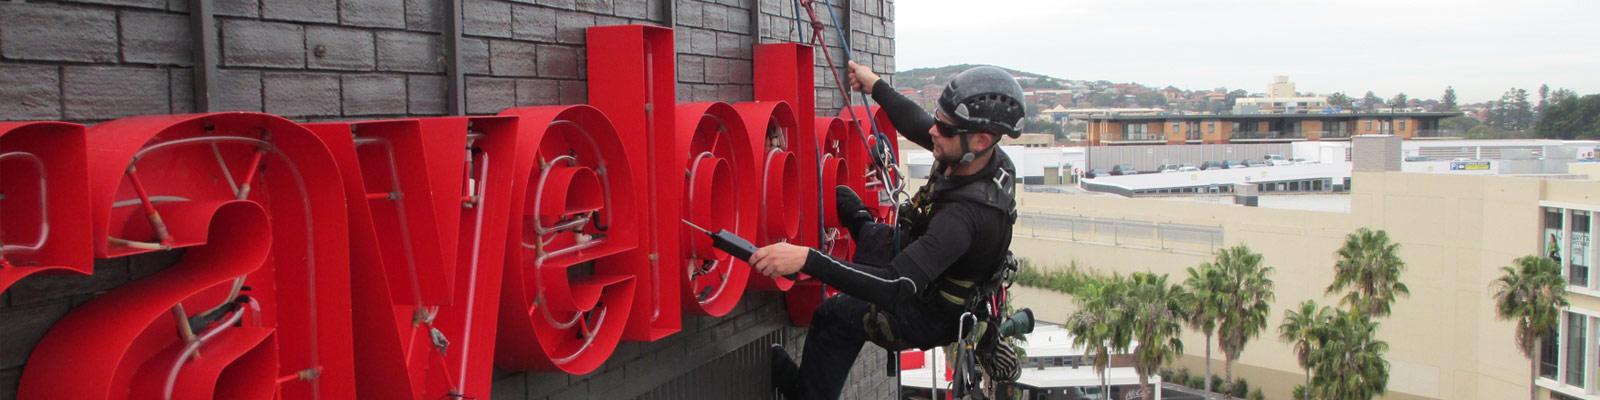 Sign Installation Services Ny Amp Nj